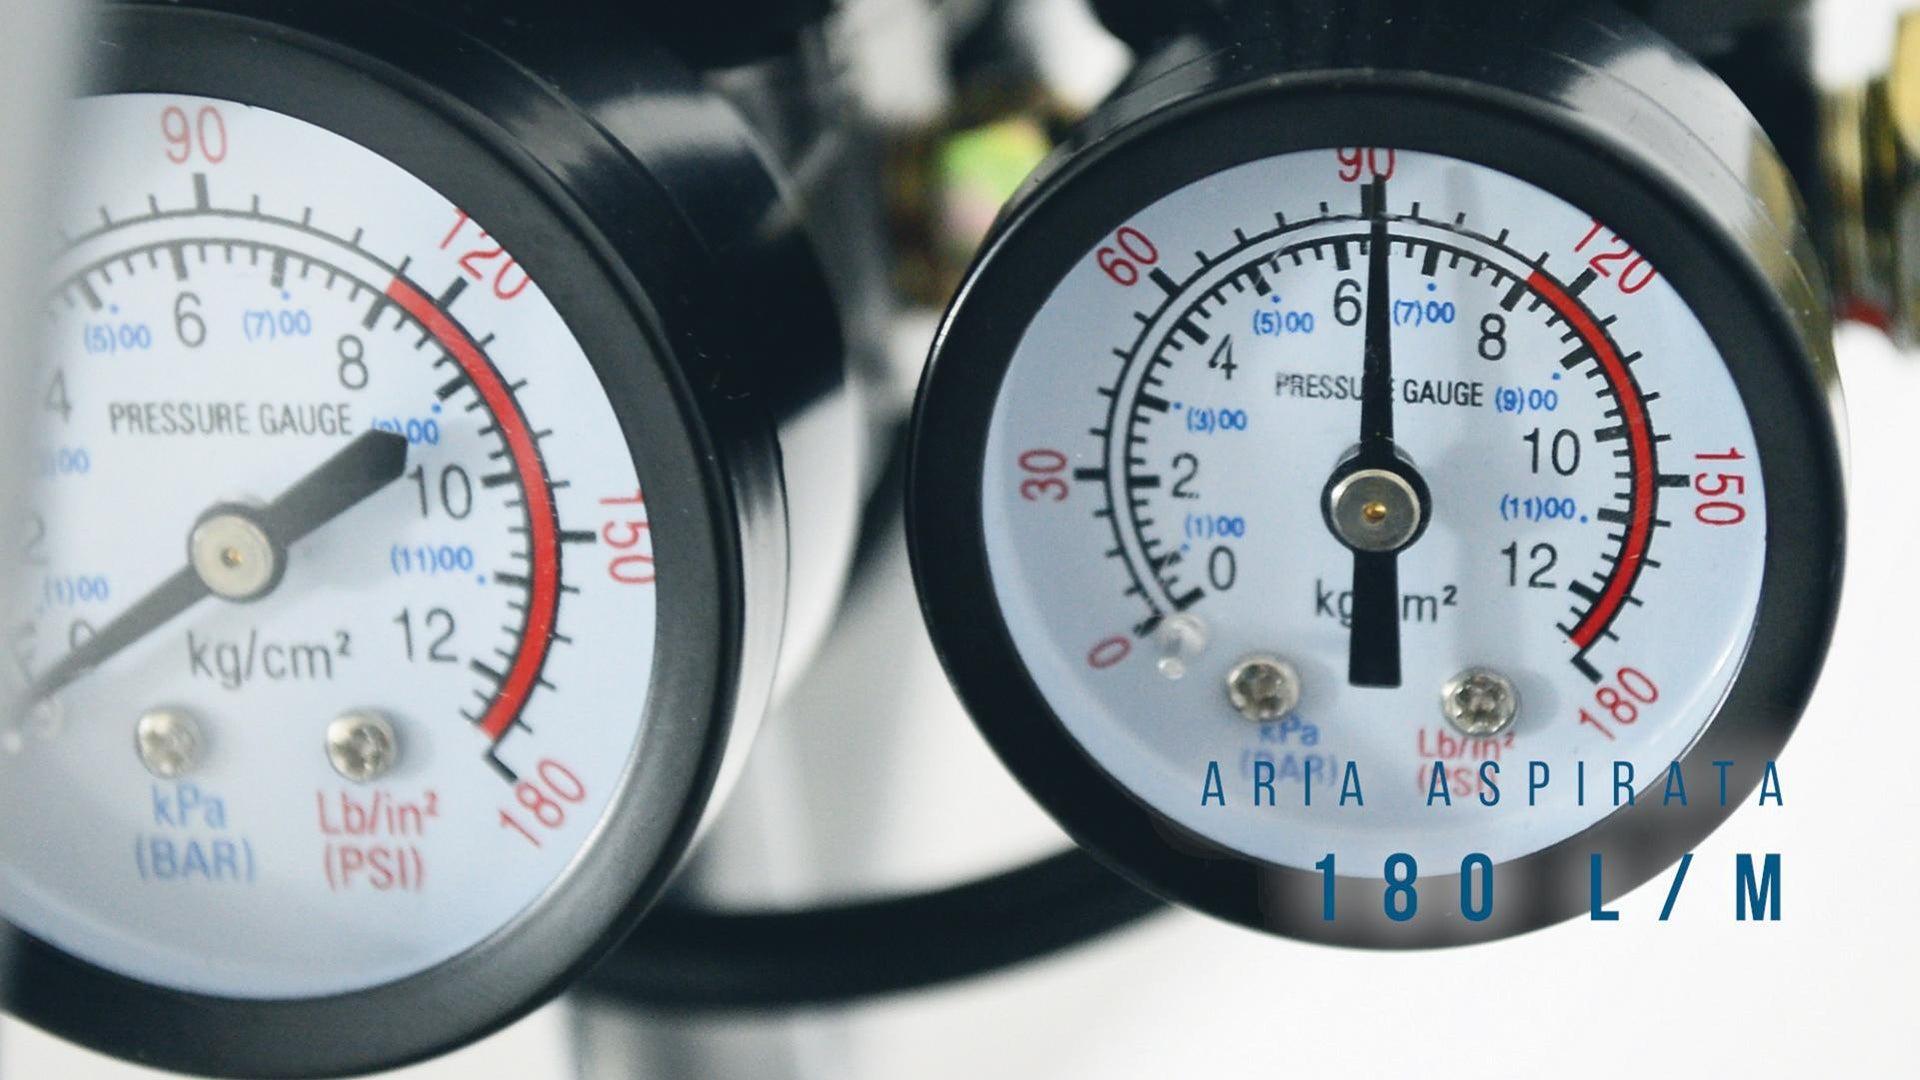 Compressore silenziato HYUNDAI Supersilent, 1 hp, 8 bar, 24 L - 3